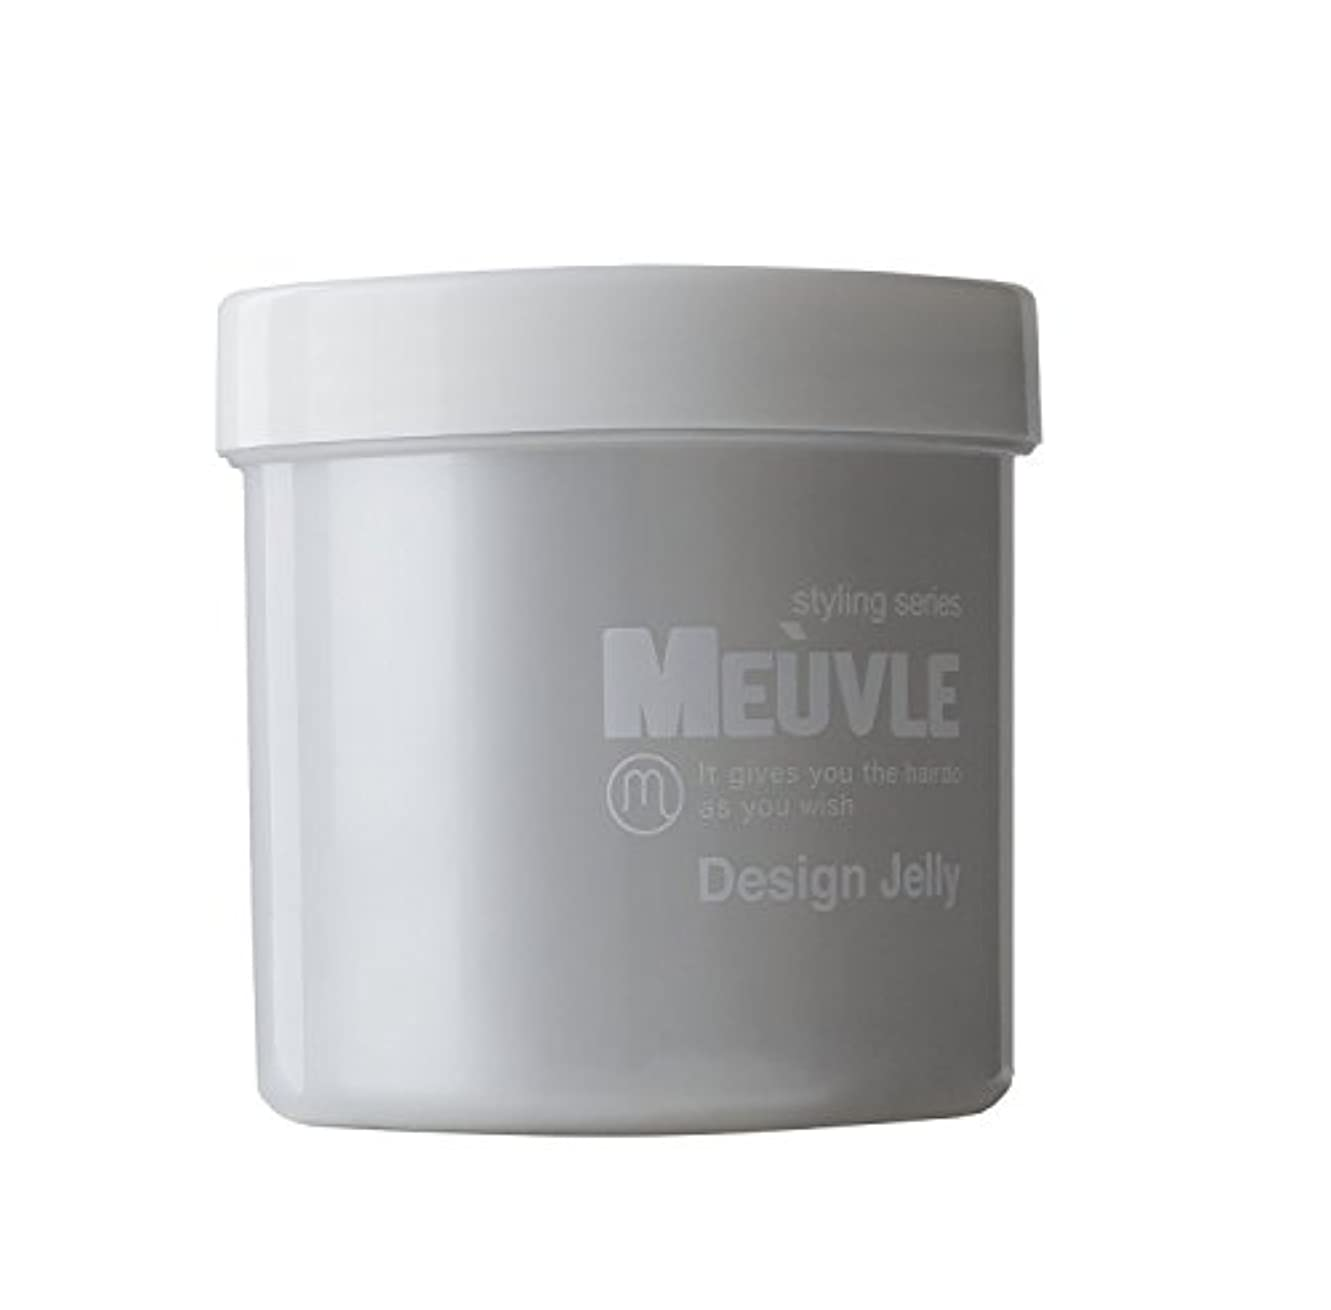 誤解するポット羽MEUVLE ( ミューヴル ) デザインゼリー 300g 限定企画 ミューブル ジェル